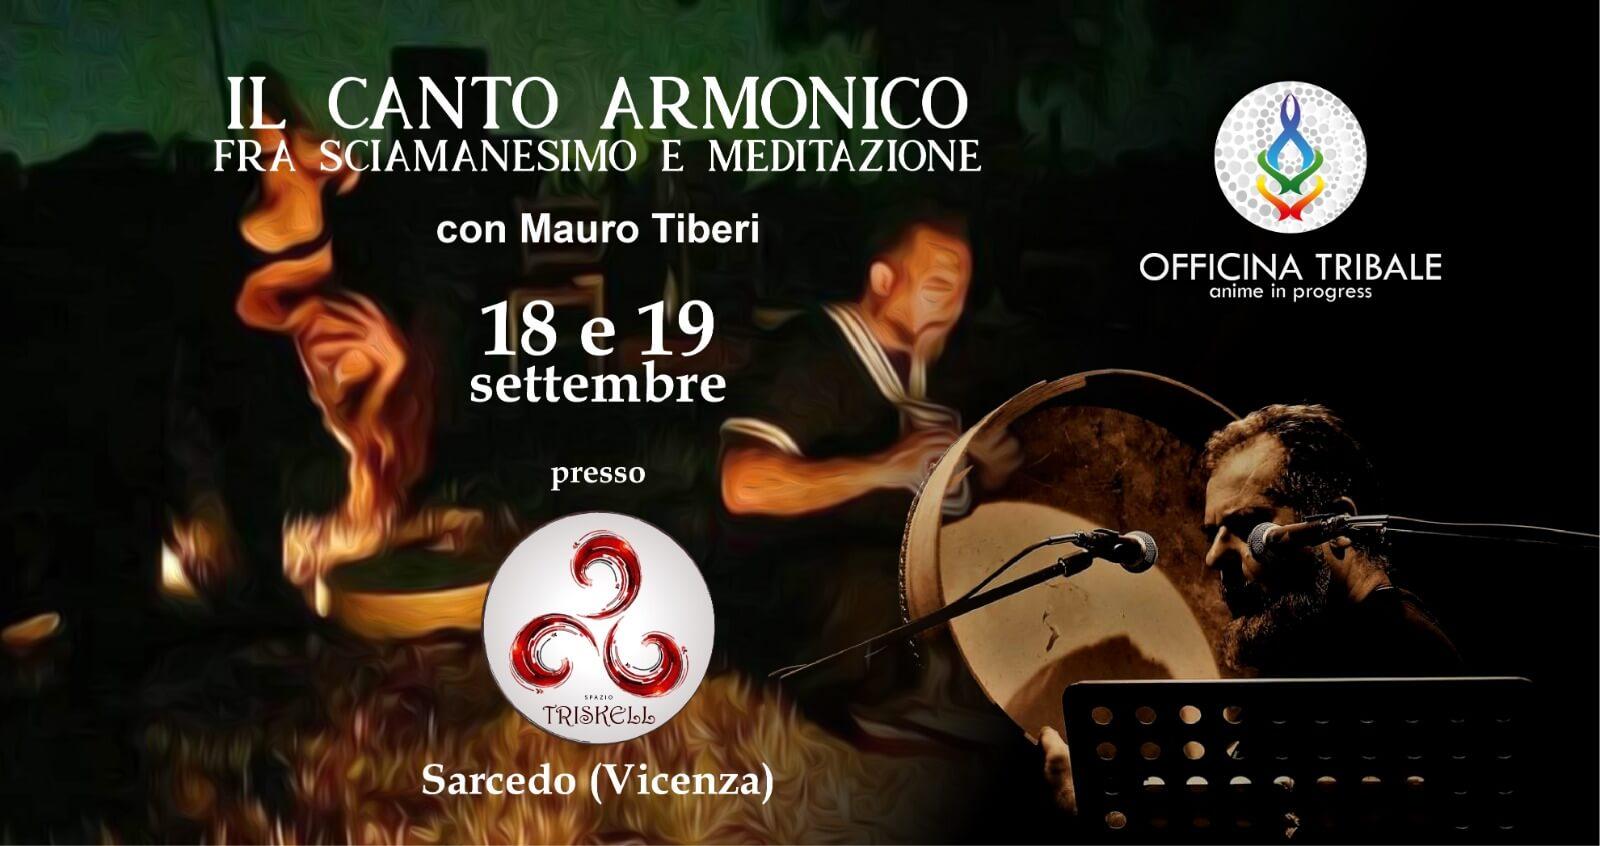 SEMINARIO: IL CANTO ARMONICO TRA SCIAMANESIMO E MEDITAZIONE con Mauro Tiberi